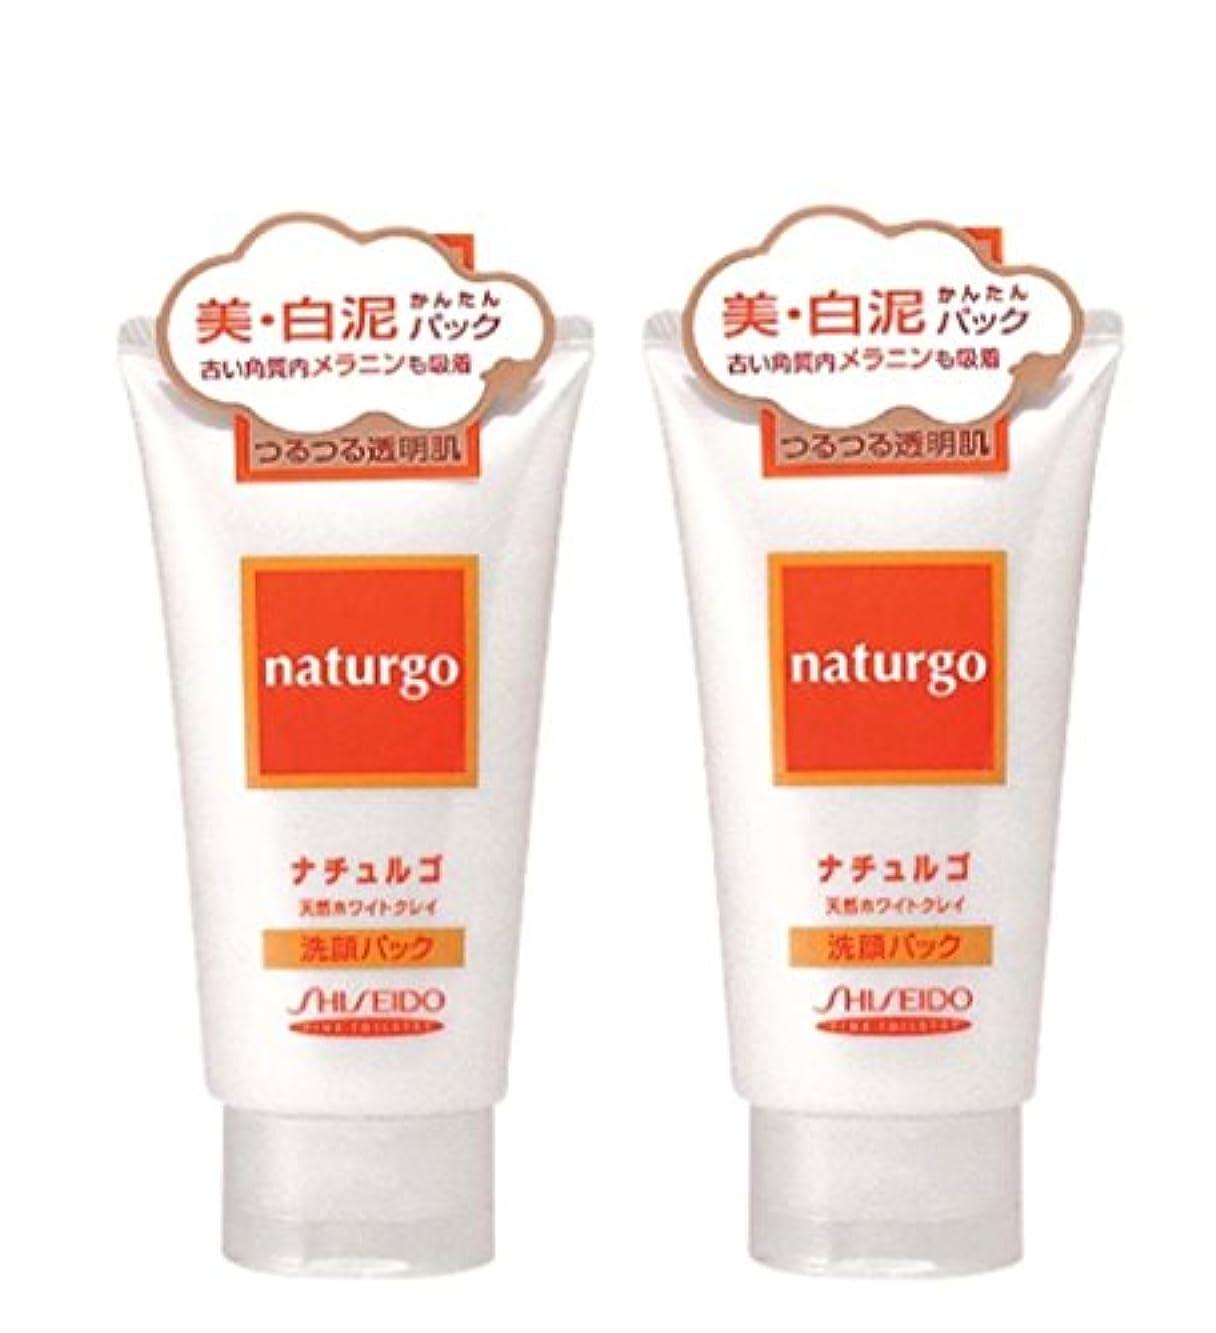 提供するアンペアなかなか【まとめ買い】ナチュルゴ 天然ホワイトクレイ洗顔パック 120g ×2セット